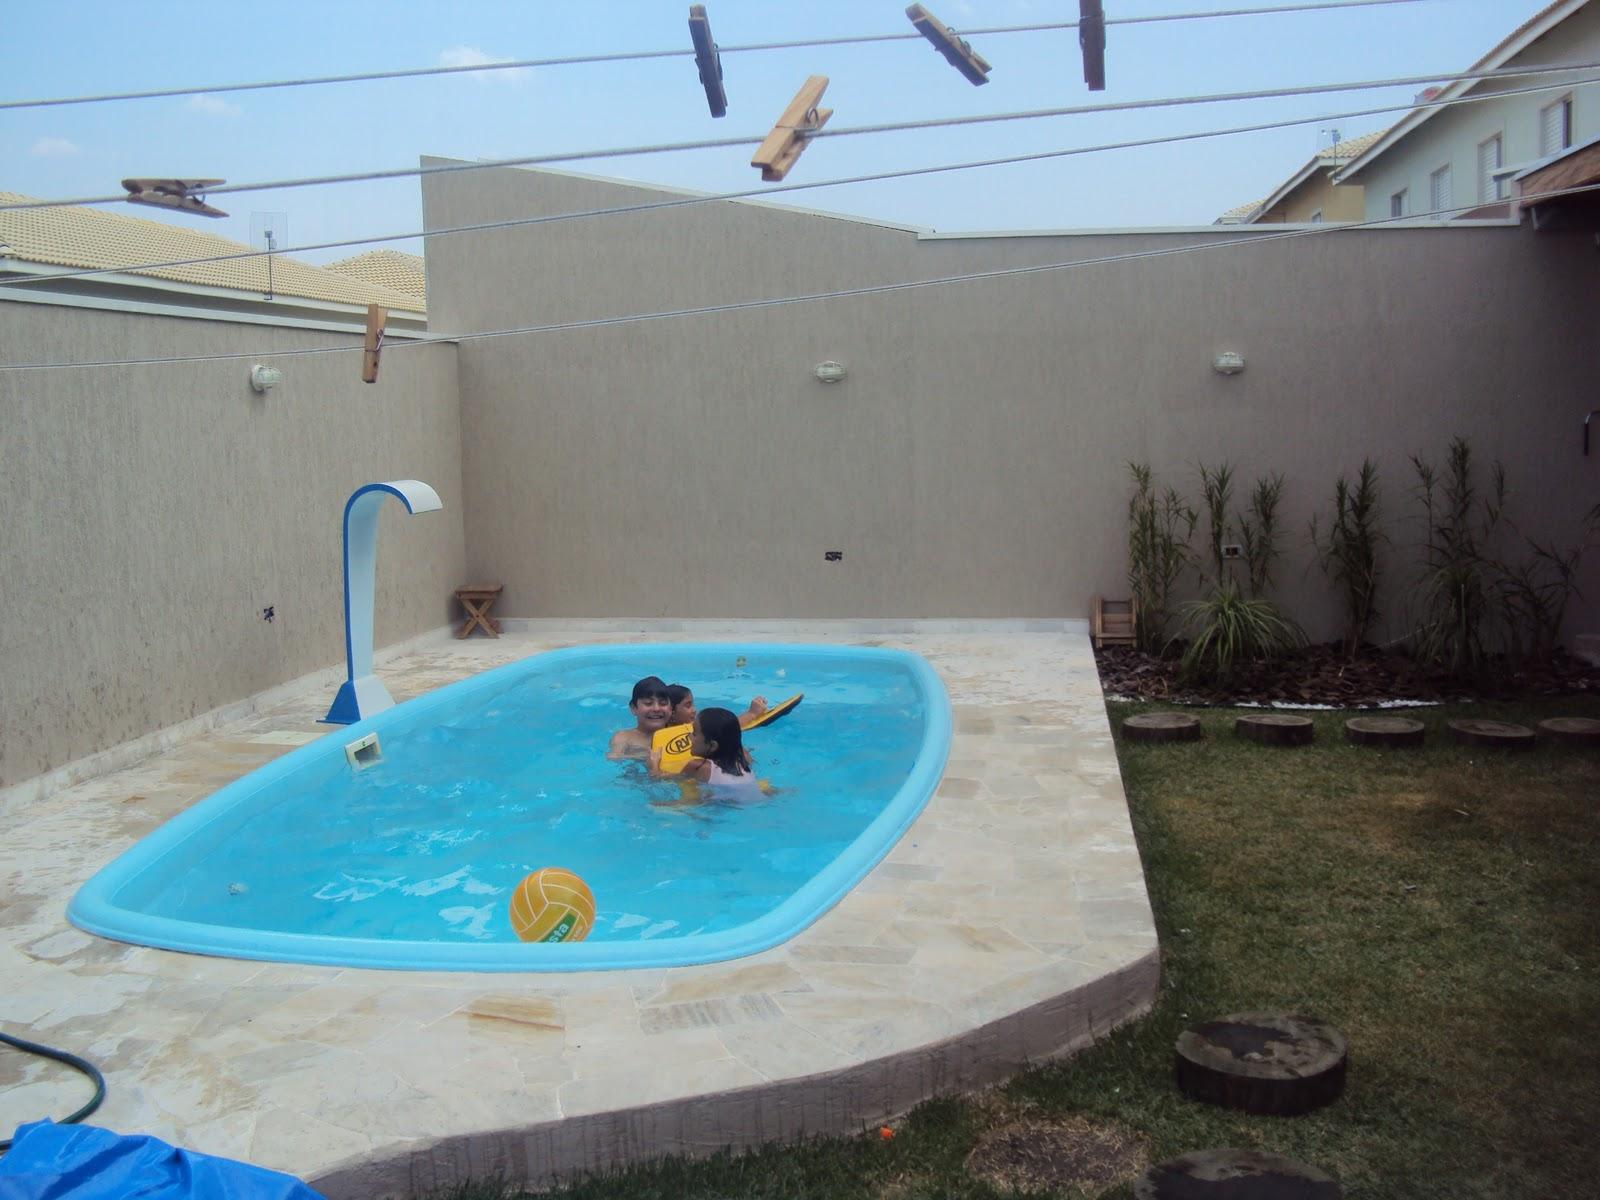 Igui piscinas piscina igui - Fotos piscinas ...